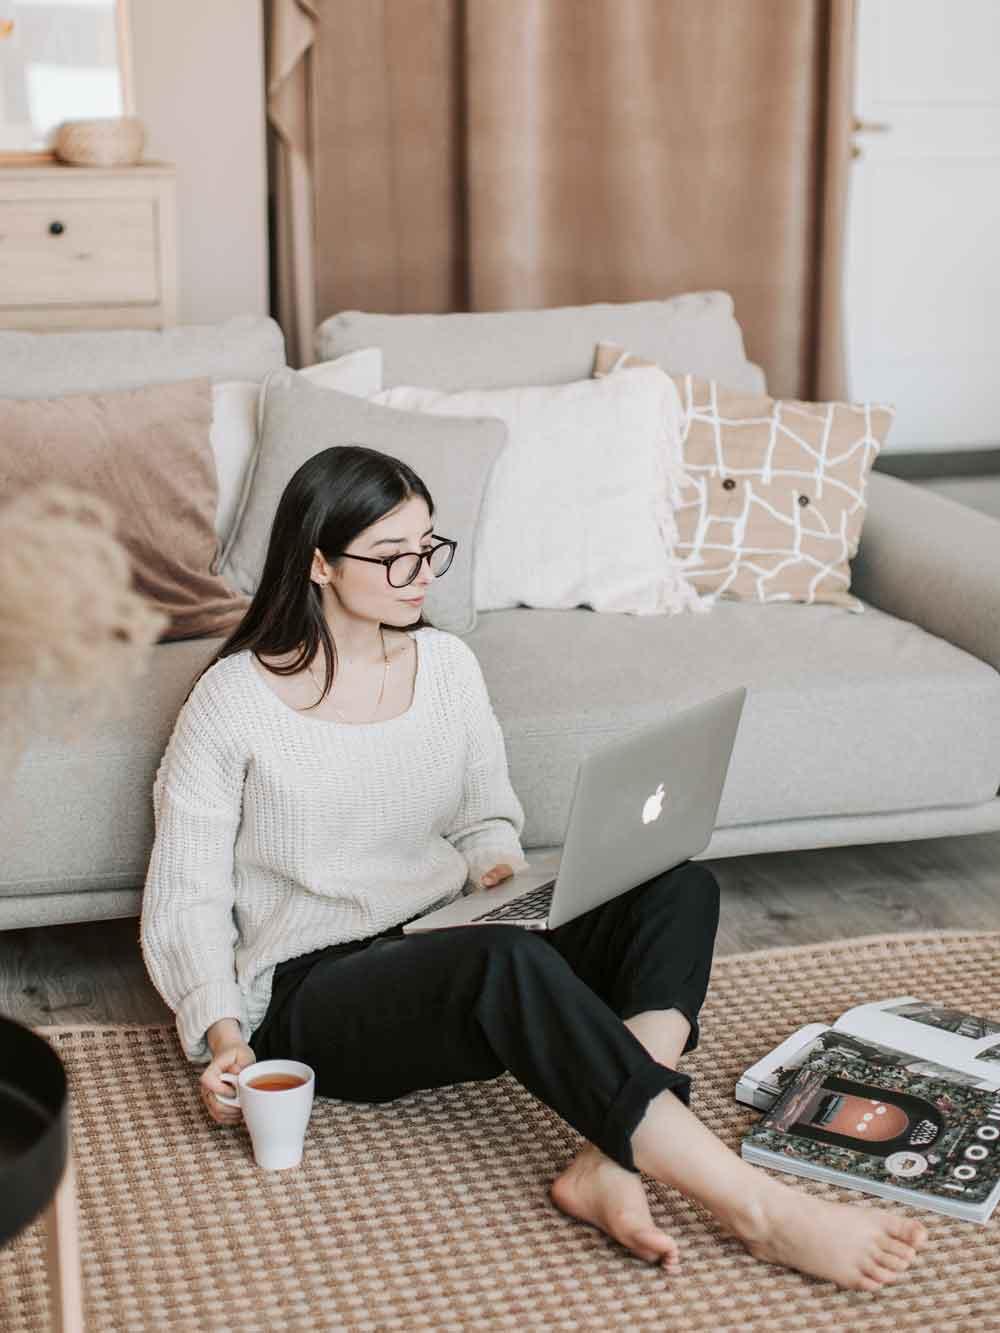 möbel_online_kaufen_onlineshop_laptop_frau_sitzt_auf_boden